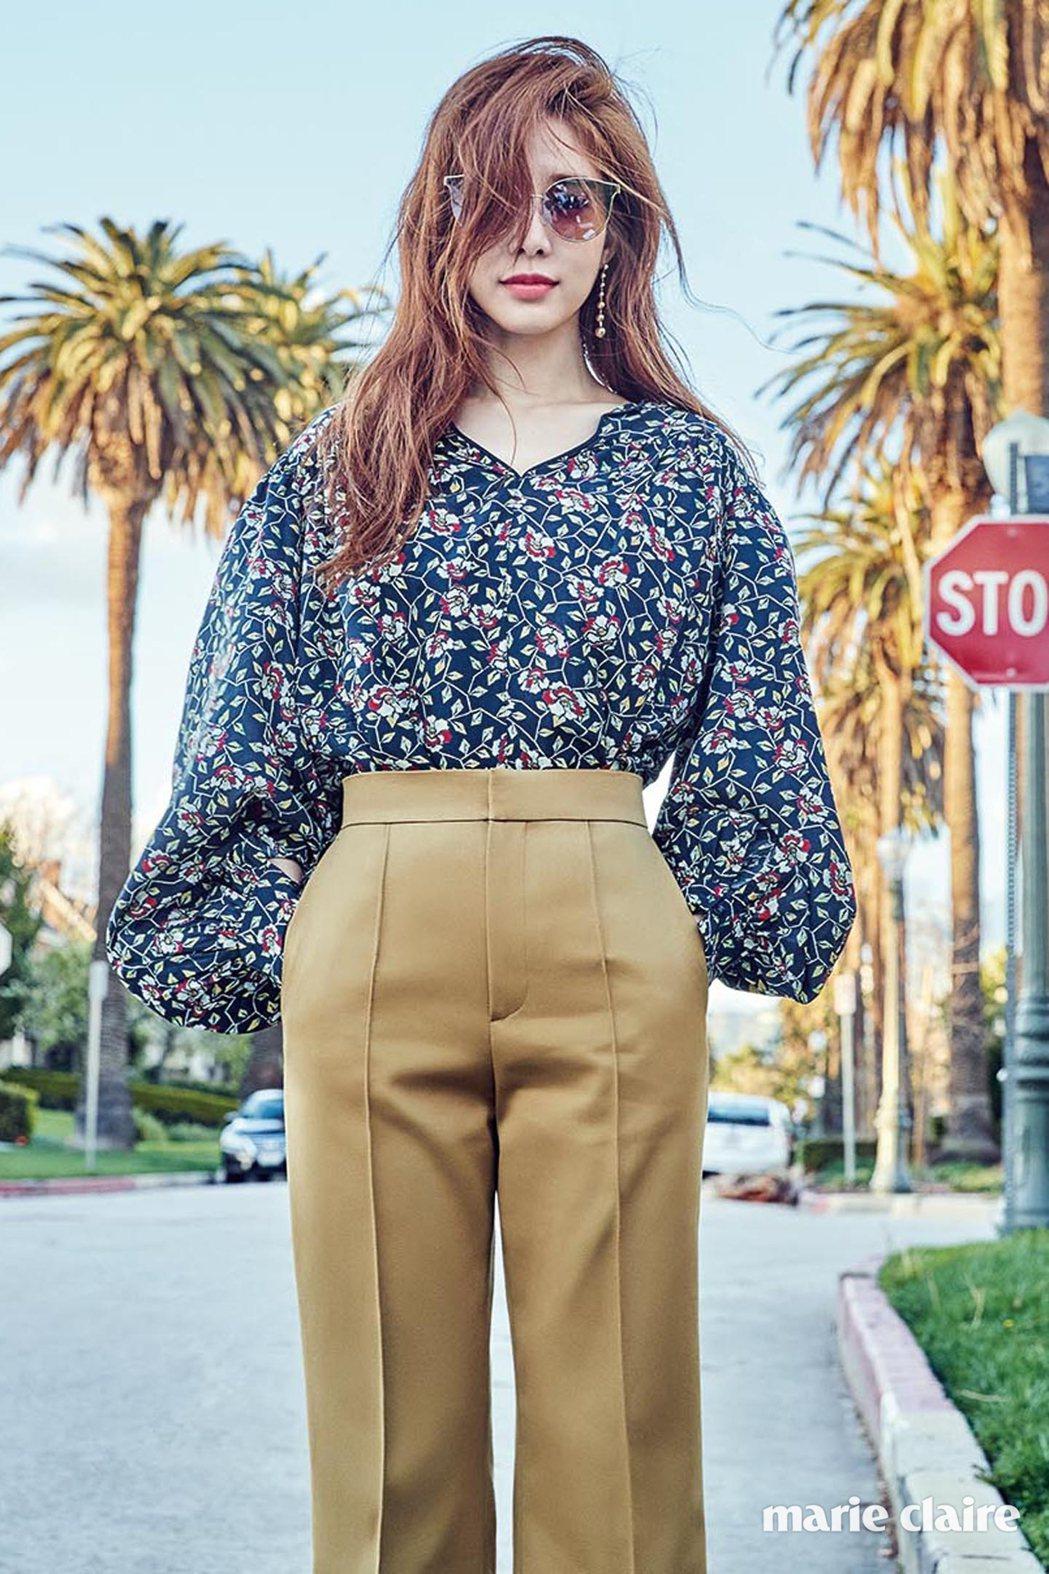 這副Fakeme眼鏡好可愛、鈔勸敗,花圖案襯衫為Isabelmarant、褲子E...